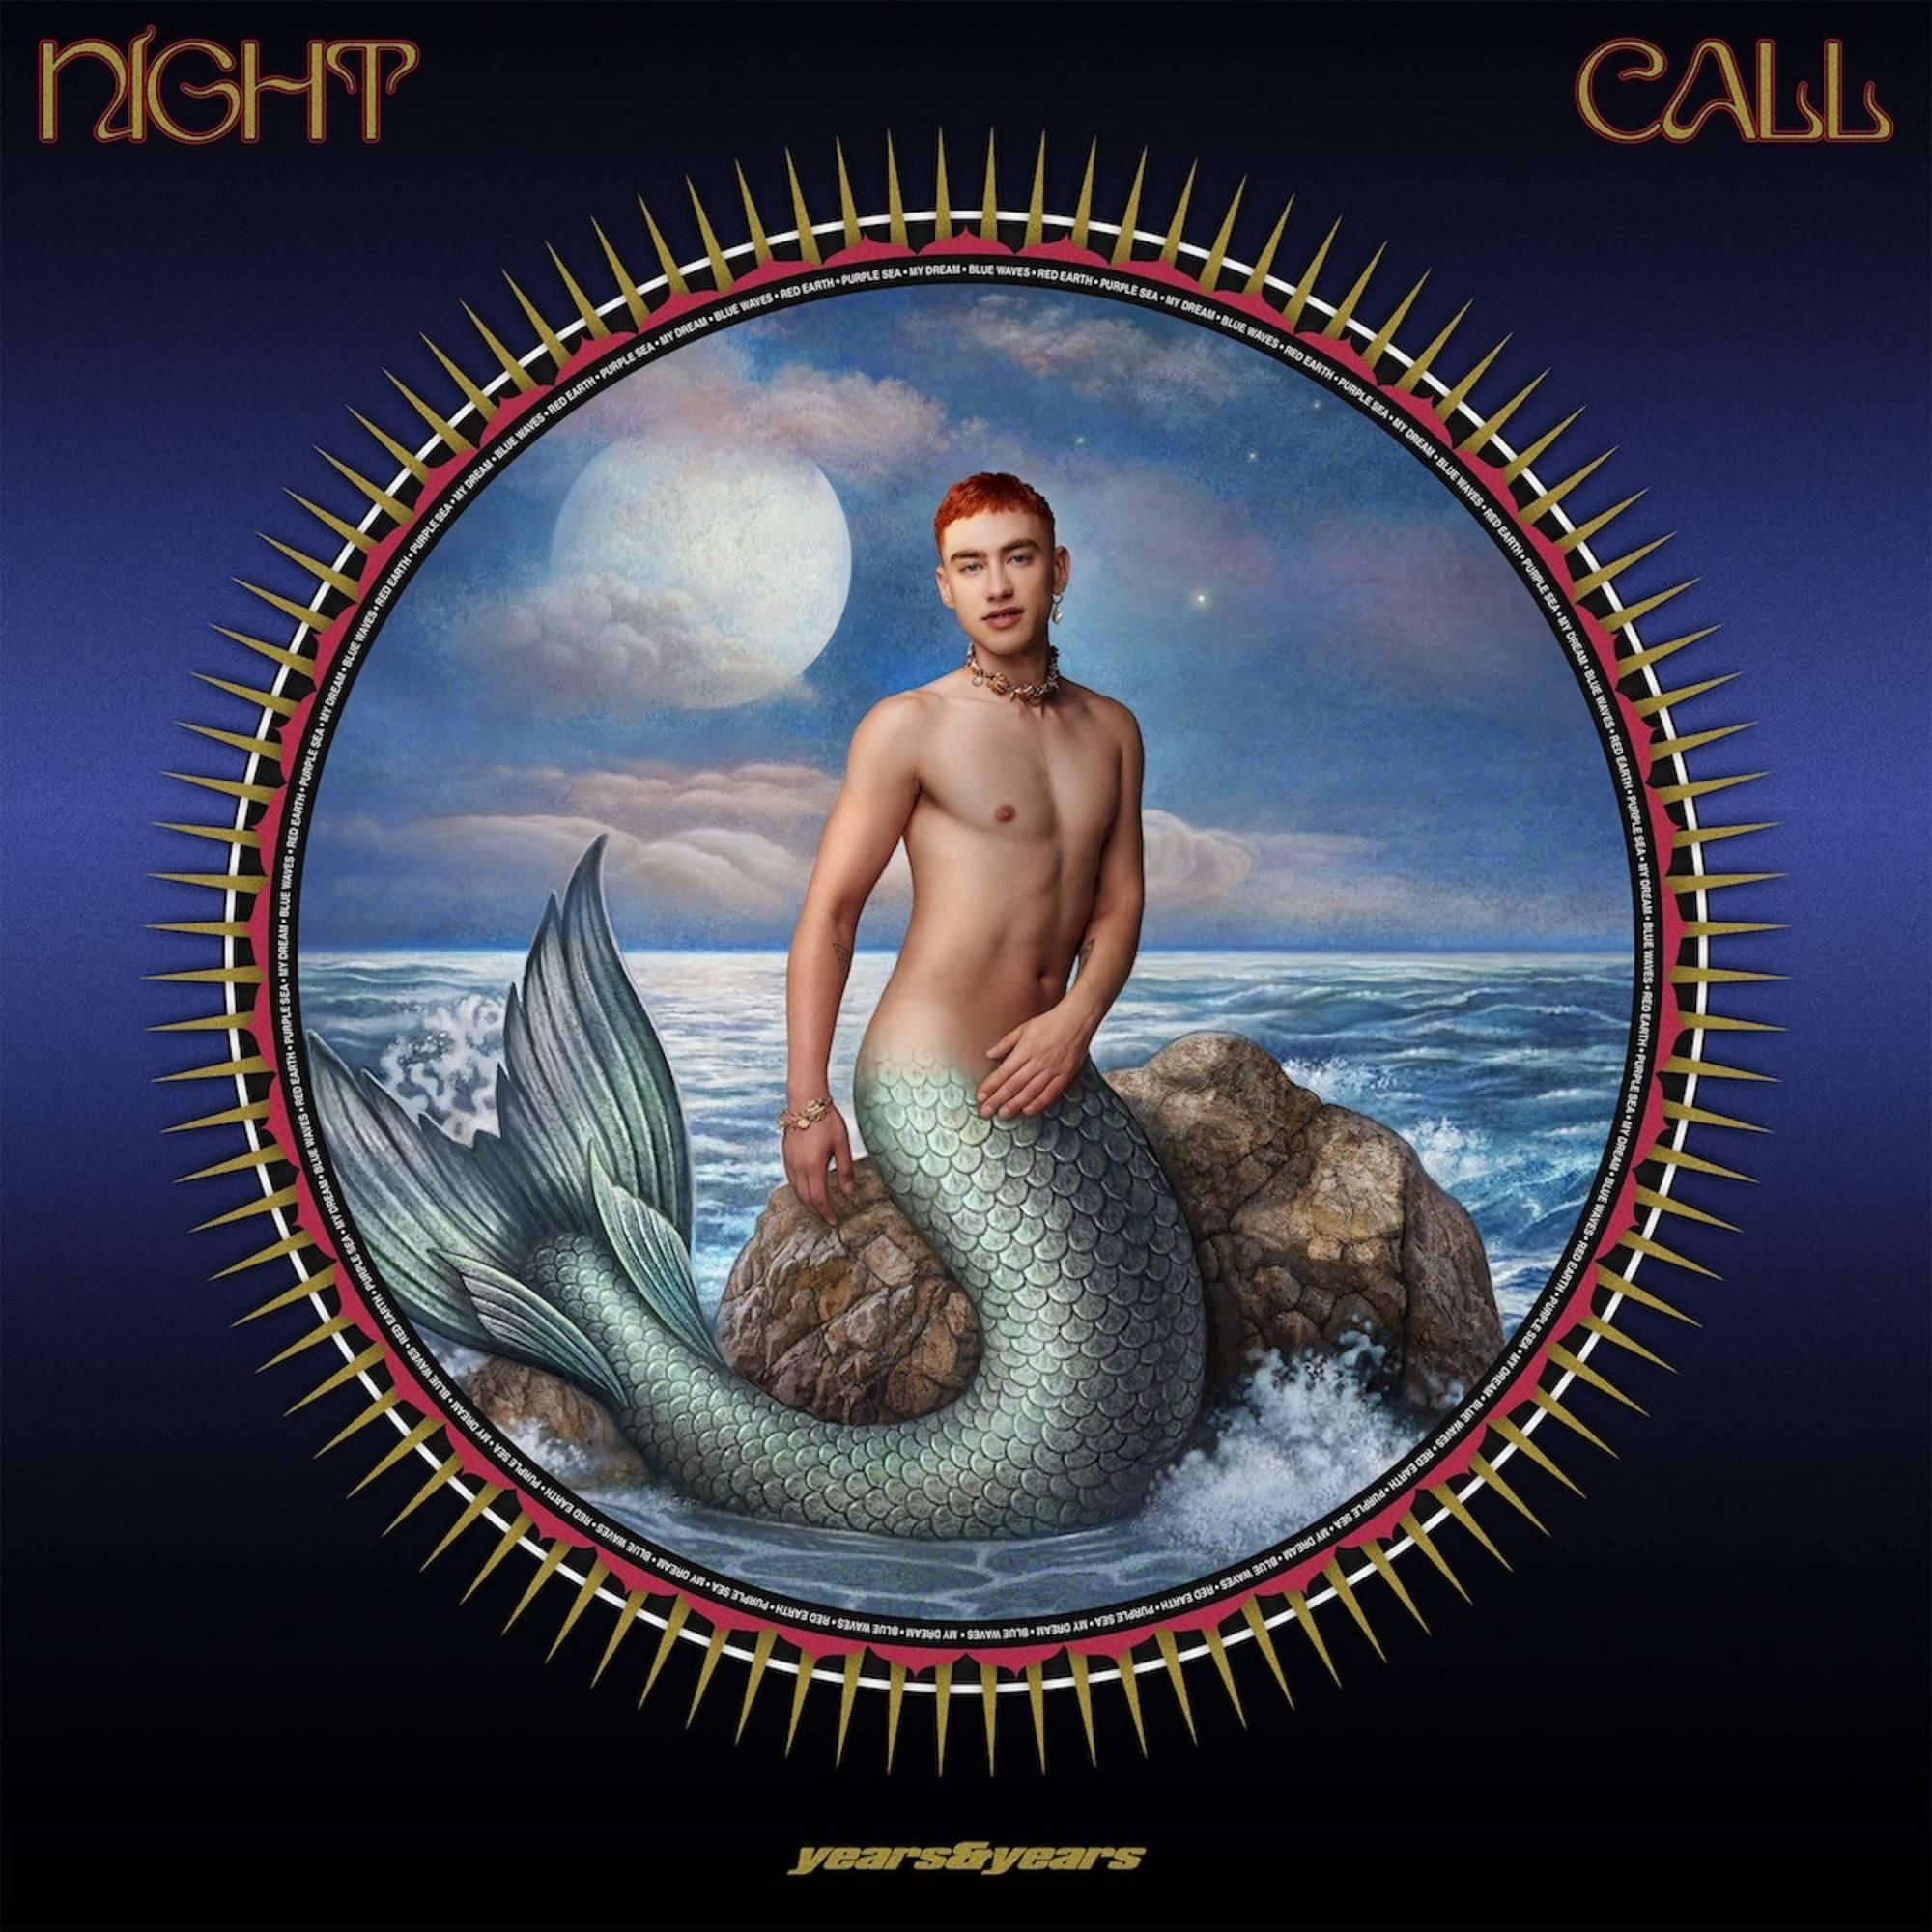 Years & Years - 'Night Call' artwork